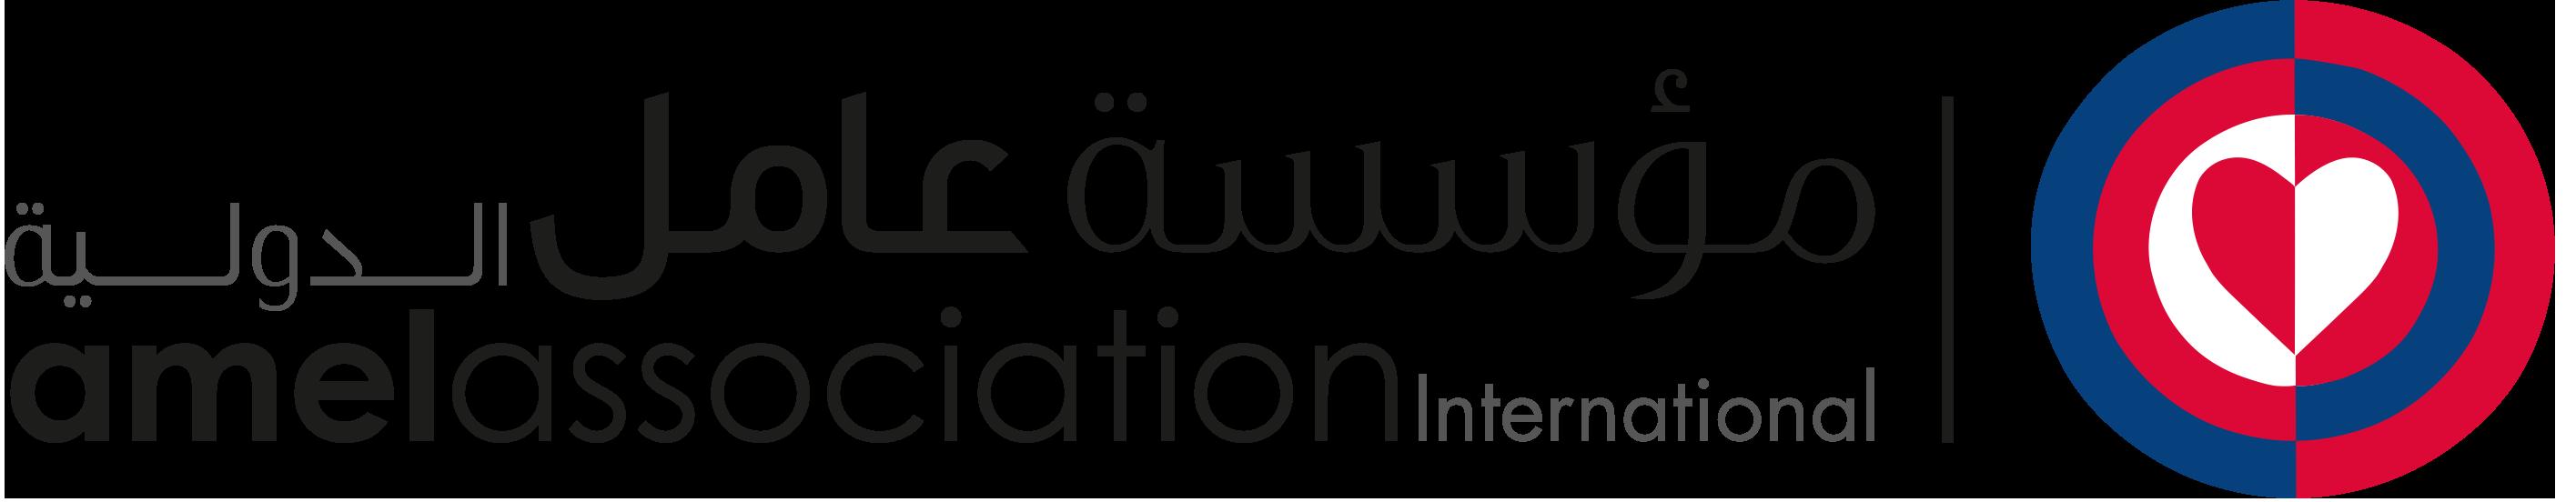 مؤسسة عامل الدولية